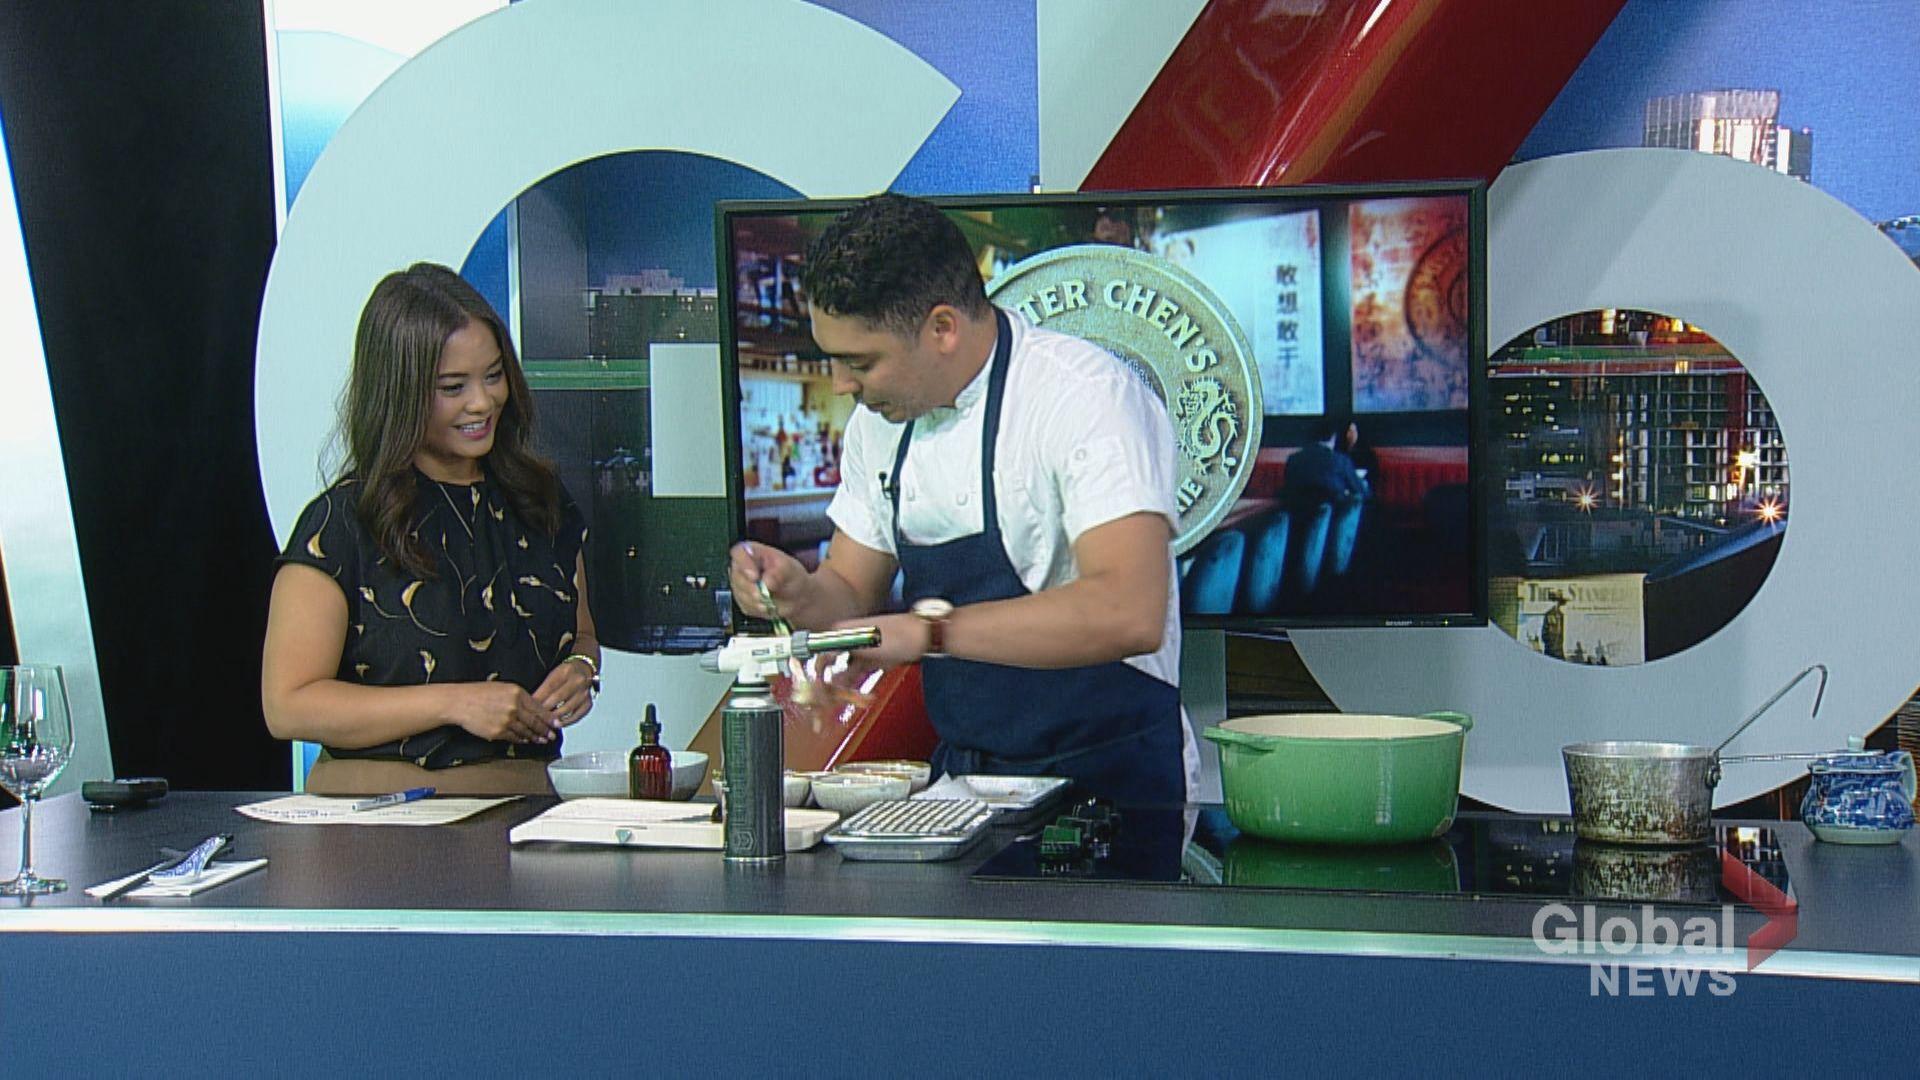 Mister Chen's showcases innovative modern Asian cuisine